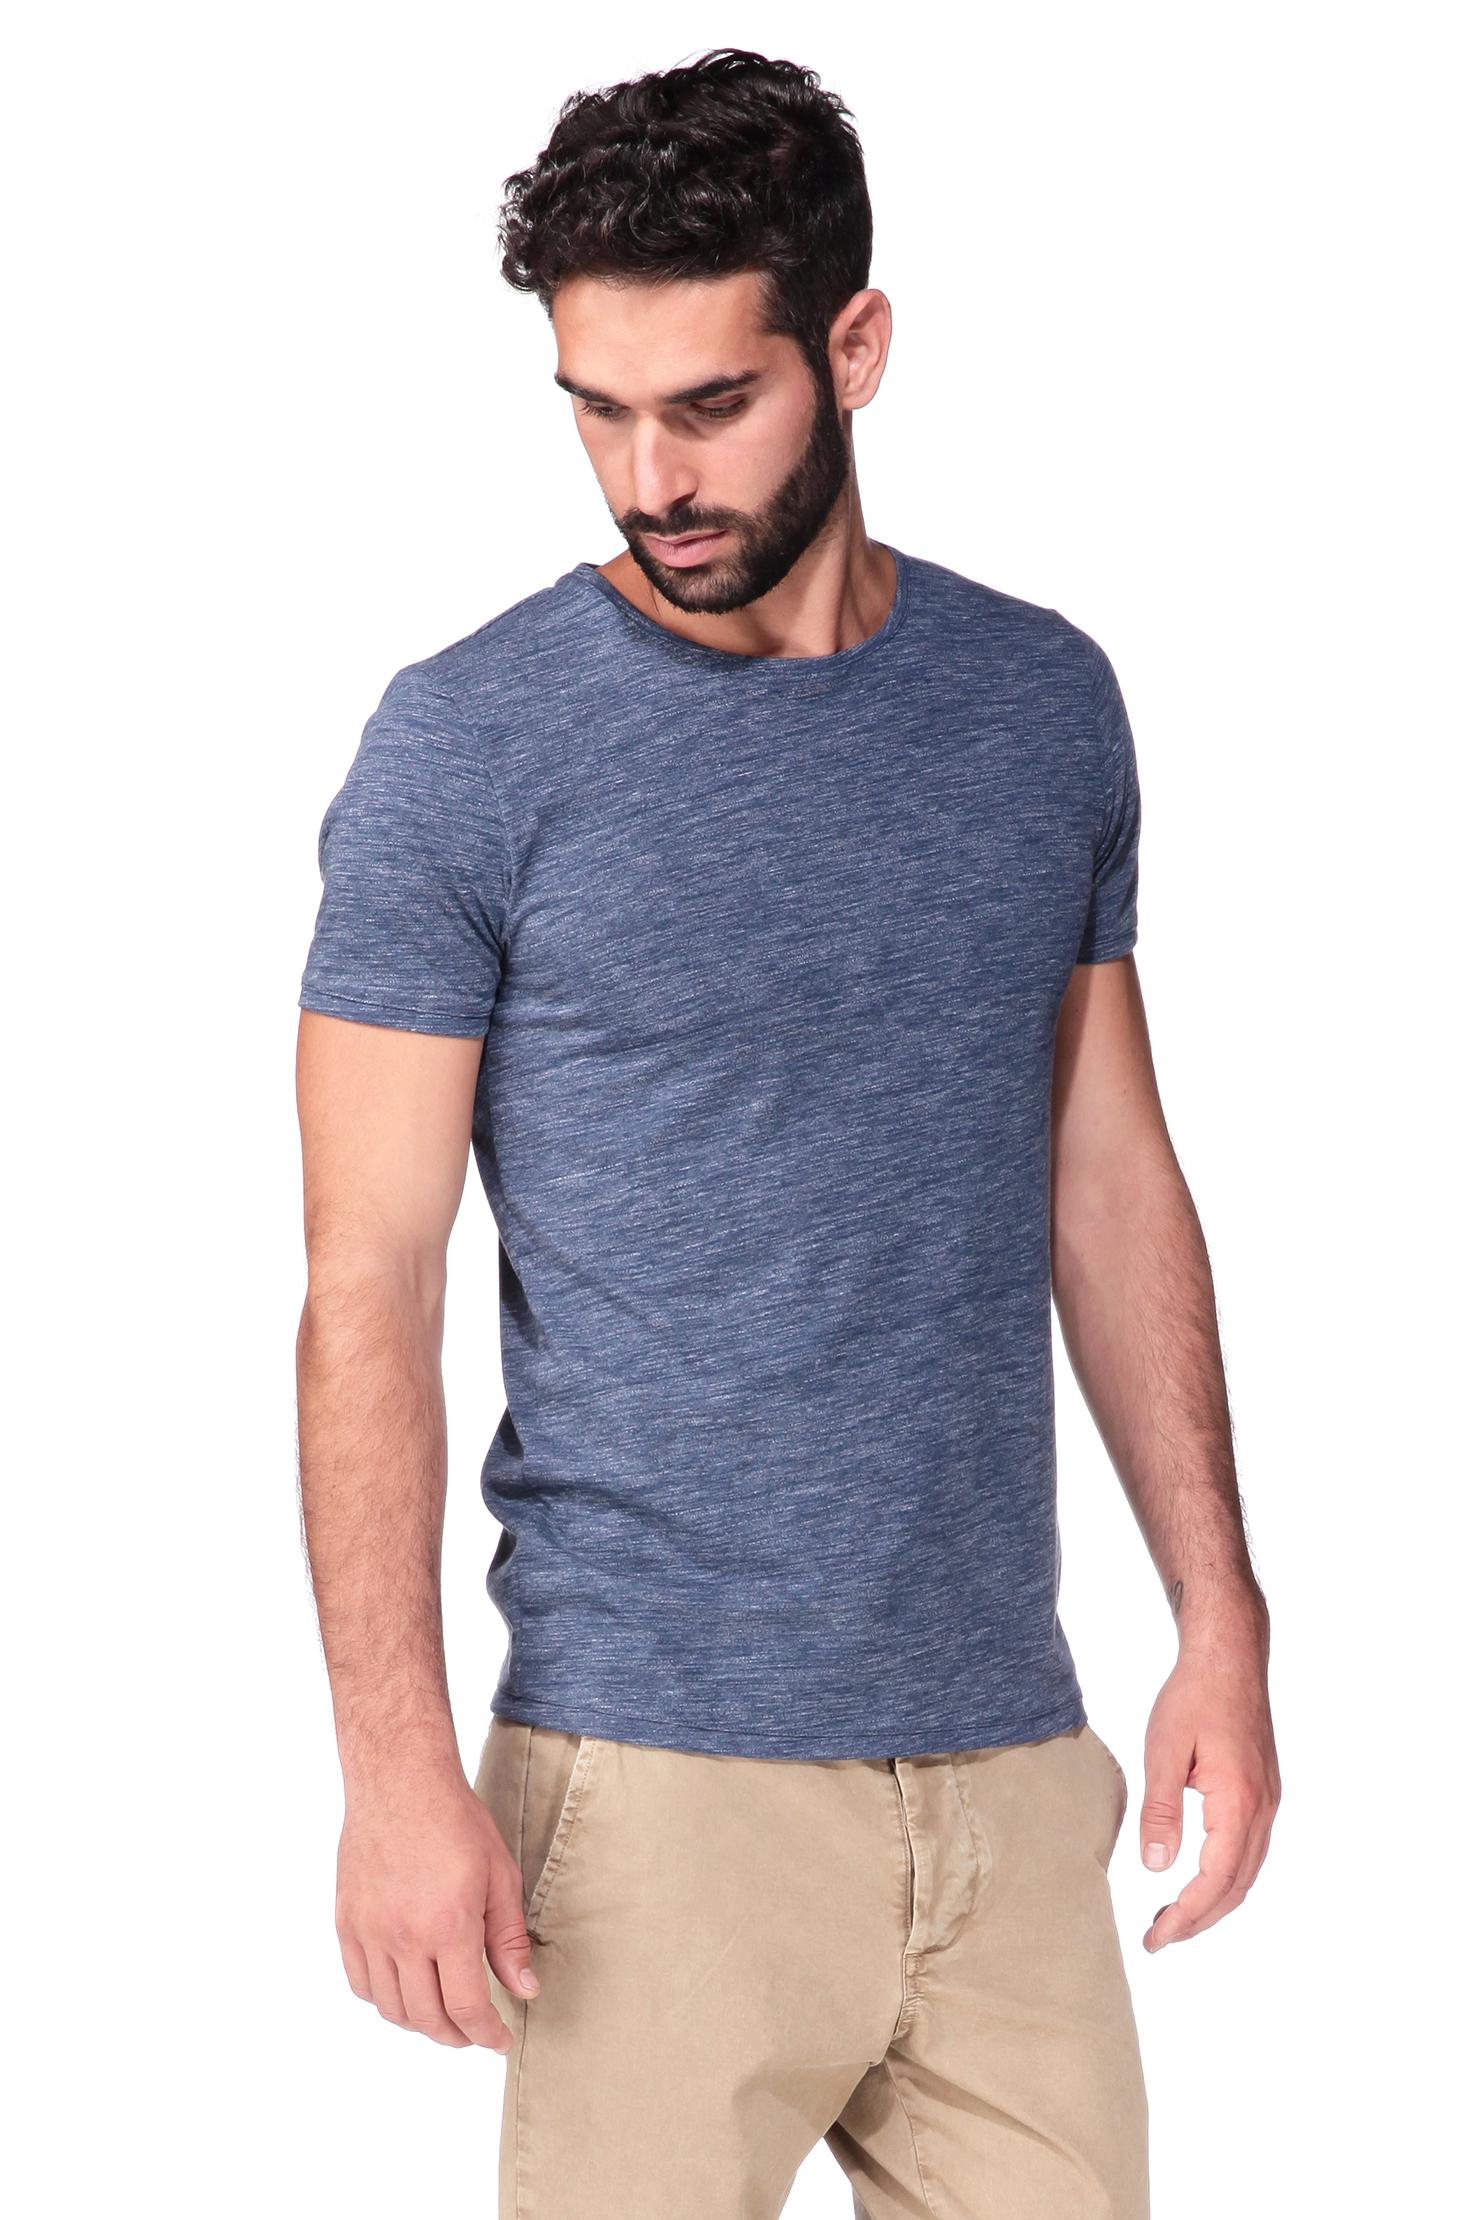 esprit short sleeve t shirt in blue for men lyst. Black Bedroom Furniture Sets. Home Design Ideas